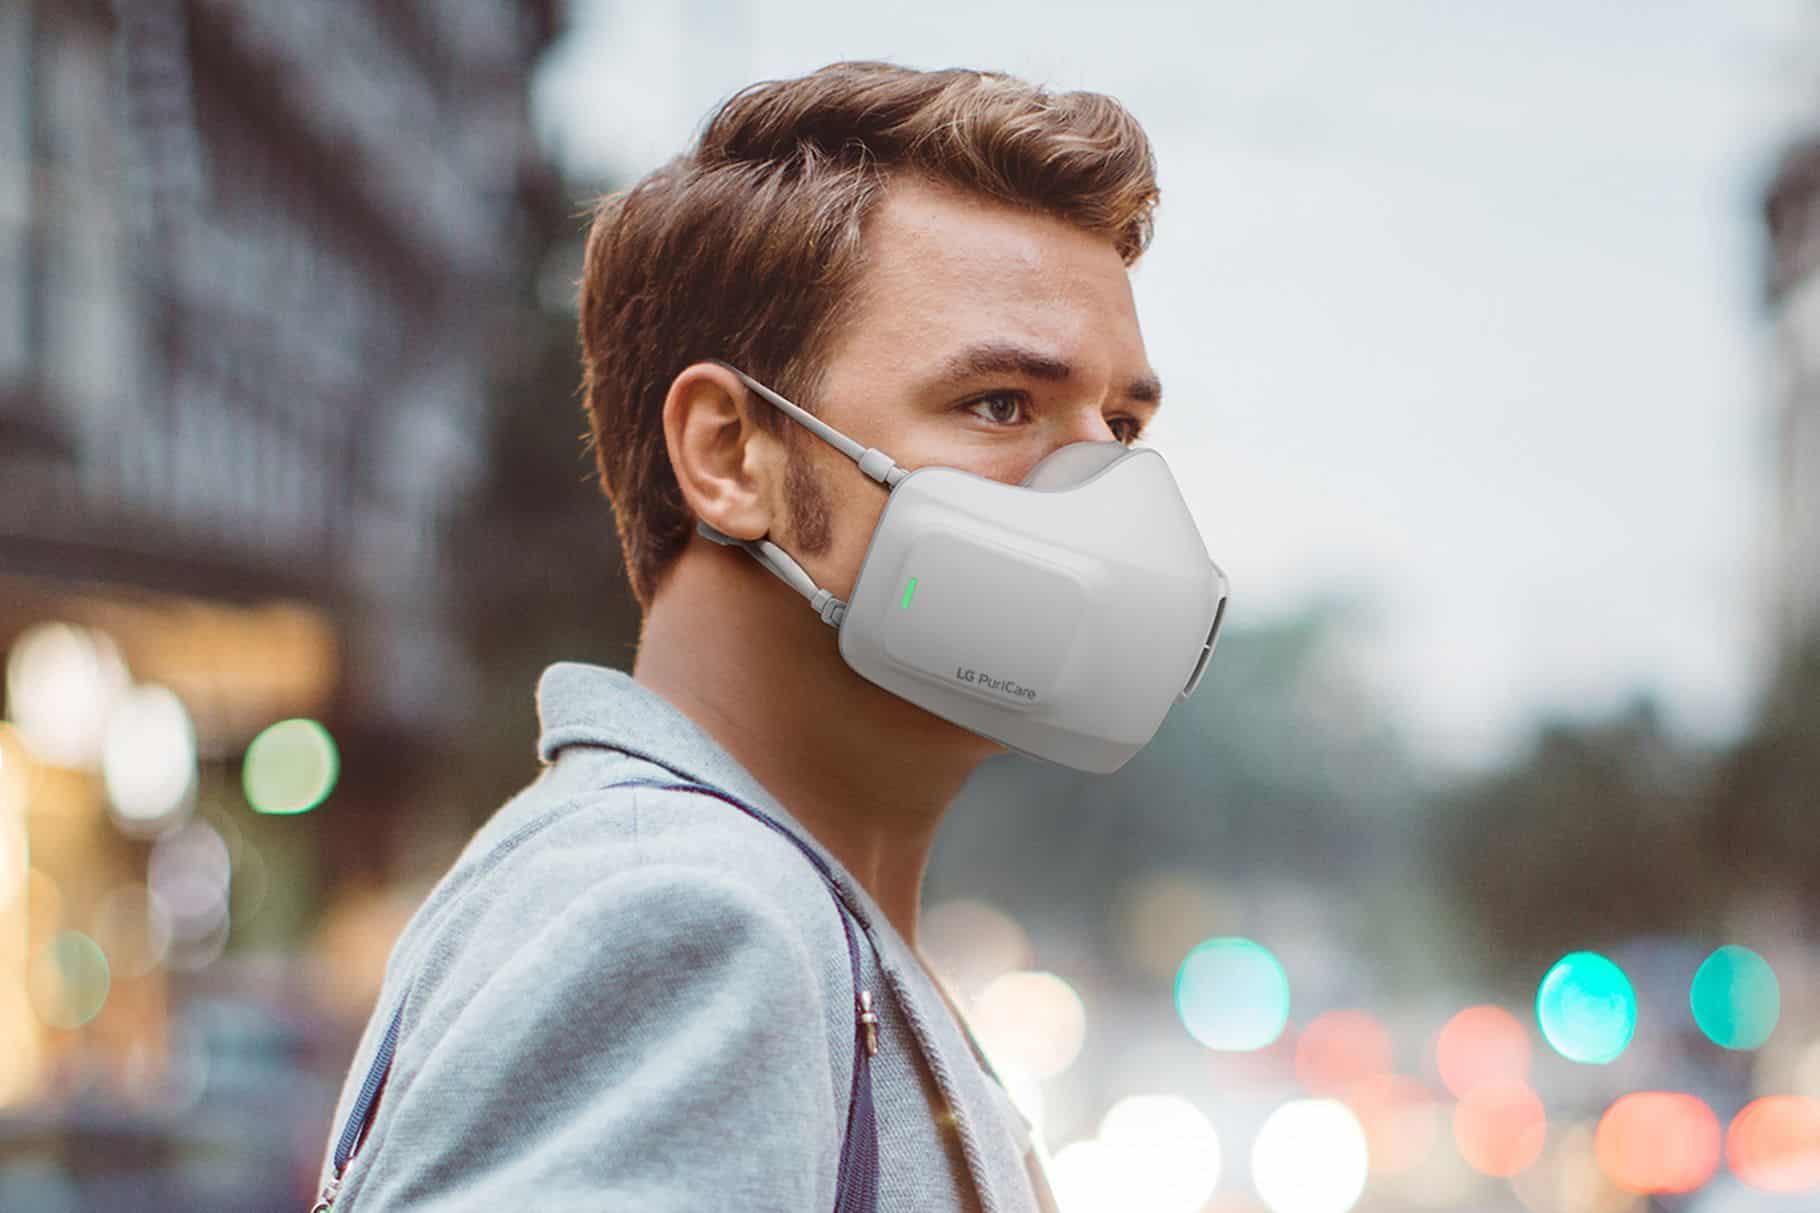 PuriCare Wearable Air Purifier – маските за пречистване на въздух от LG